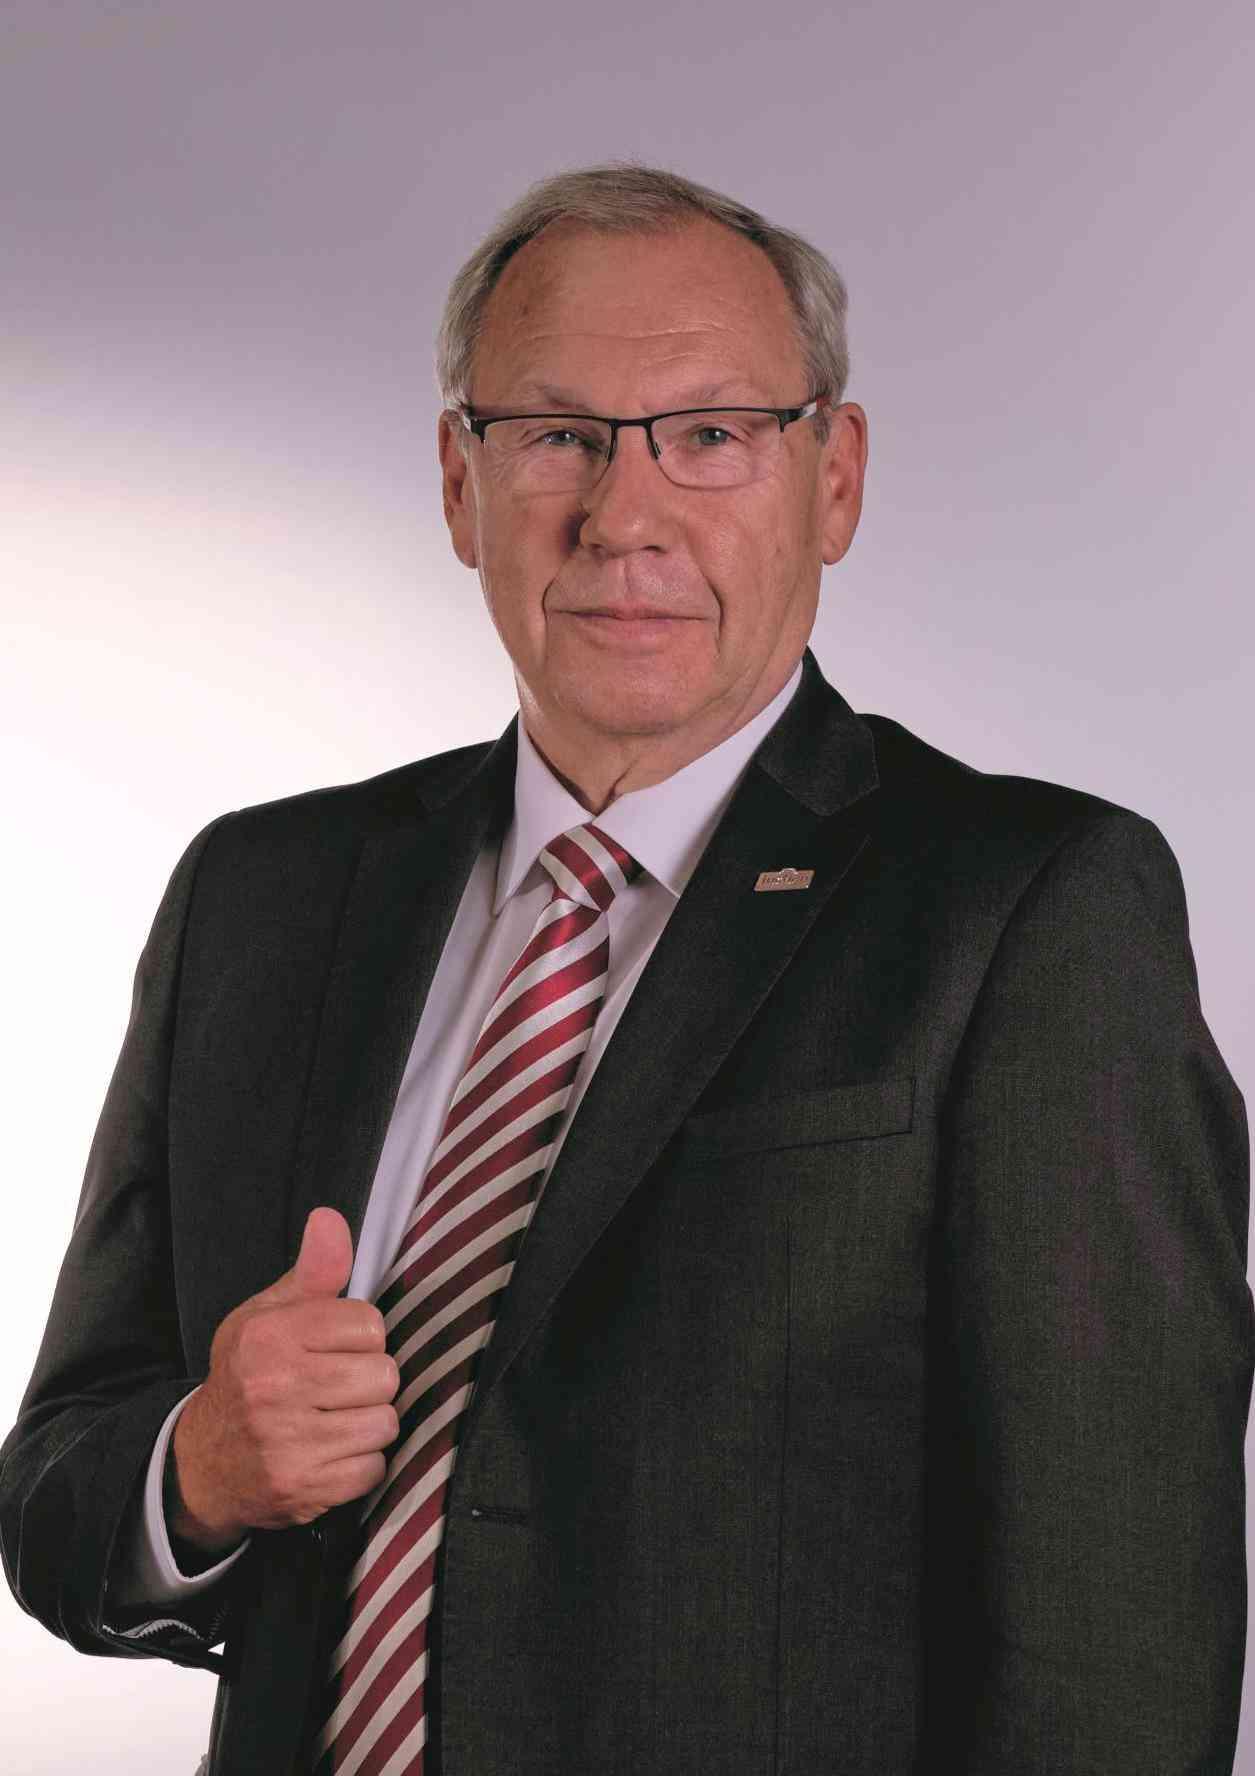 Joachim Drossert